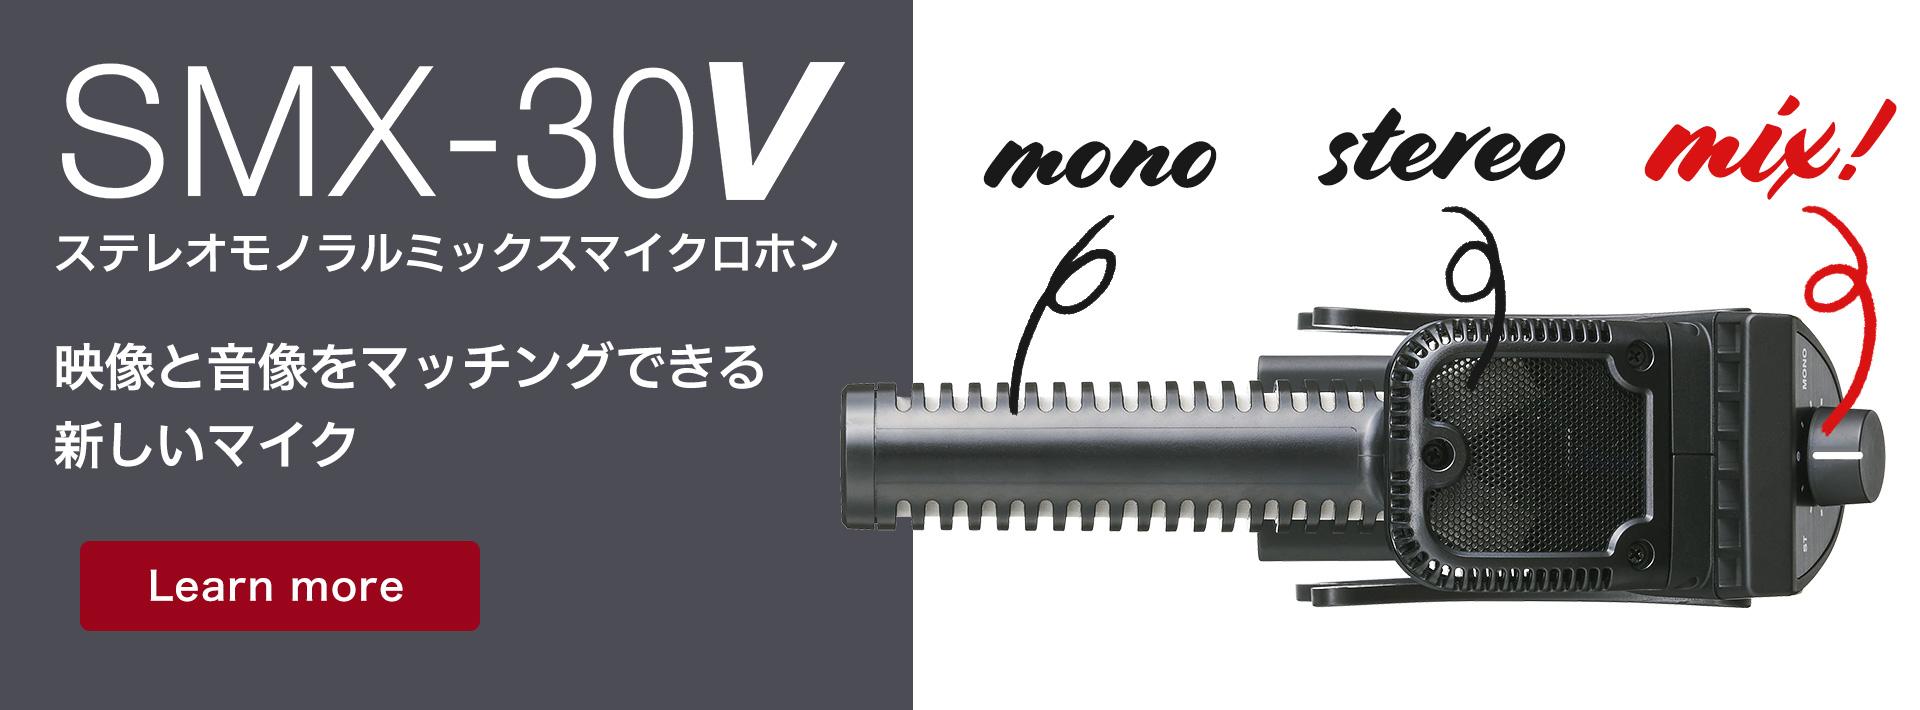 ステレオモノラルミックスマイクロホン SMX-30V